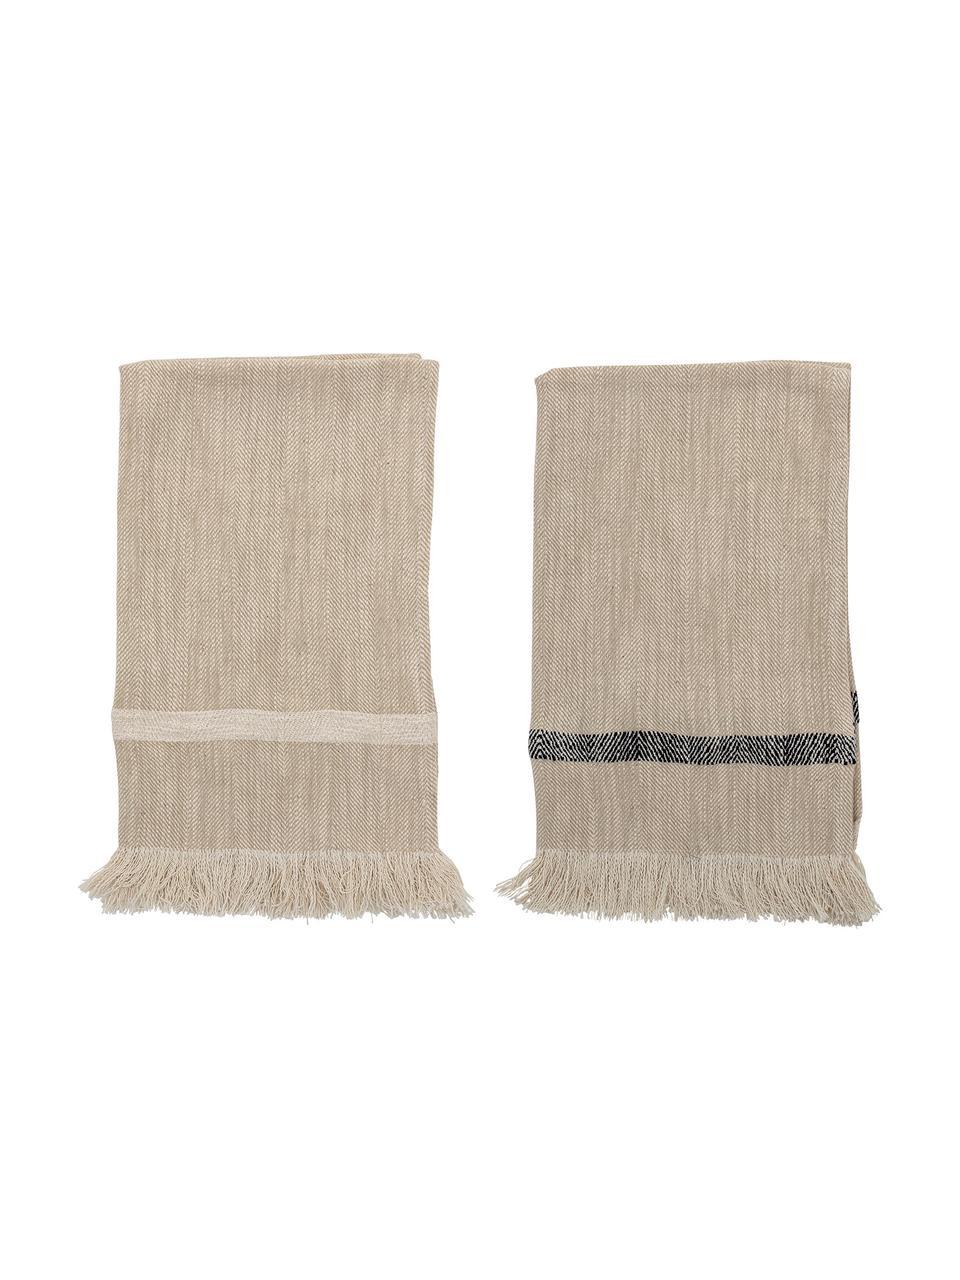 Baumwoll-Geschirrtücher Nature mit Fransen, 2er-Set, Baumwolle, Beige, 45 x 70 cm